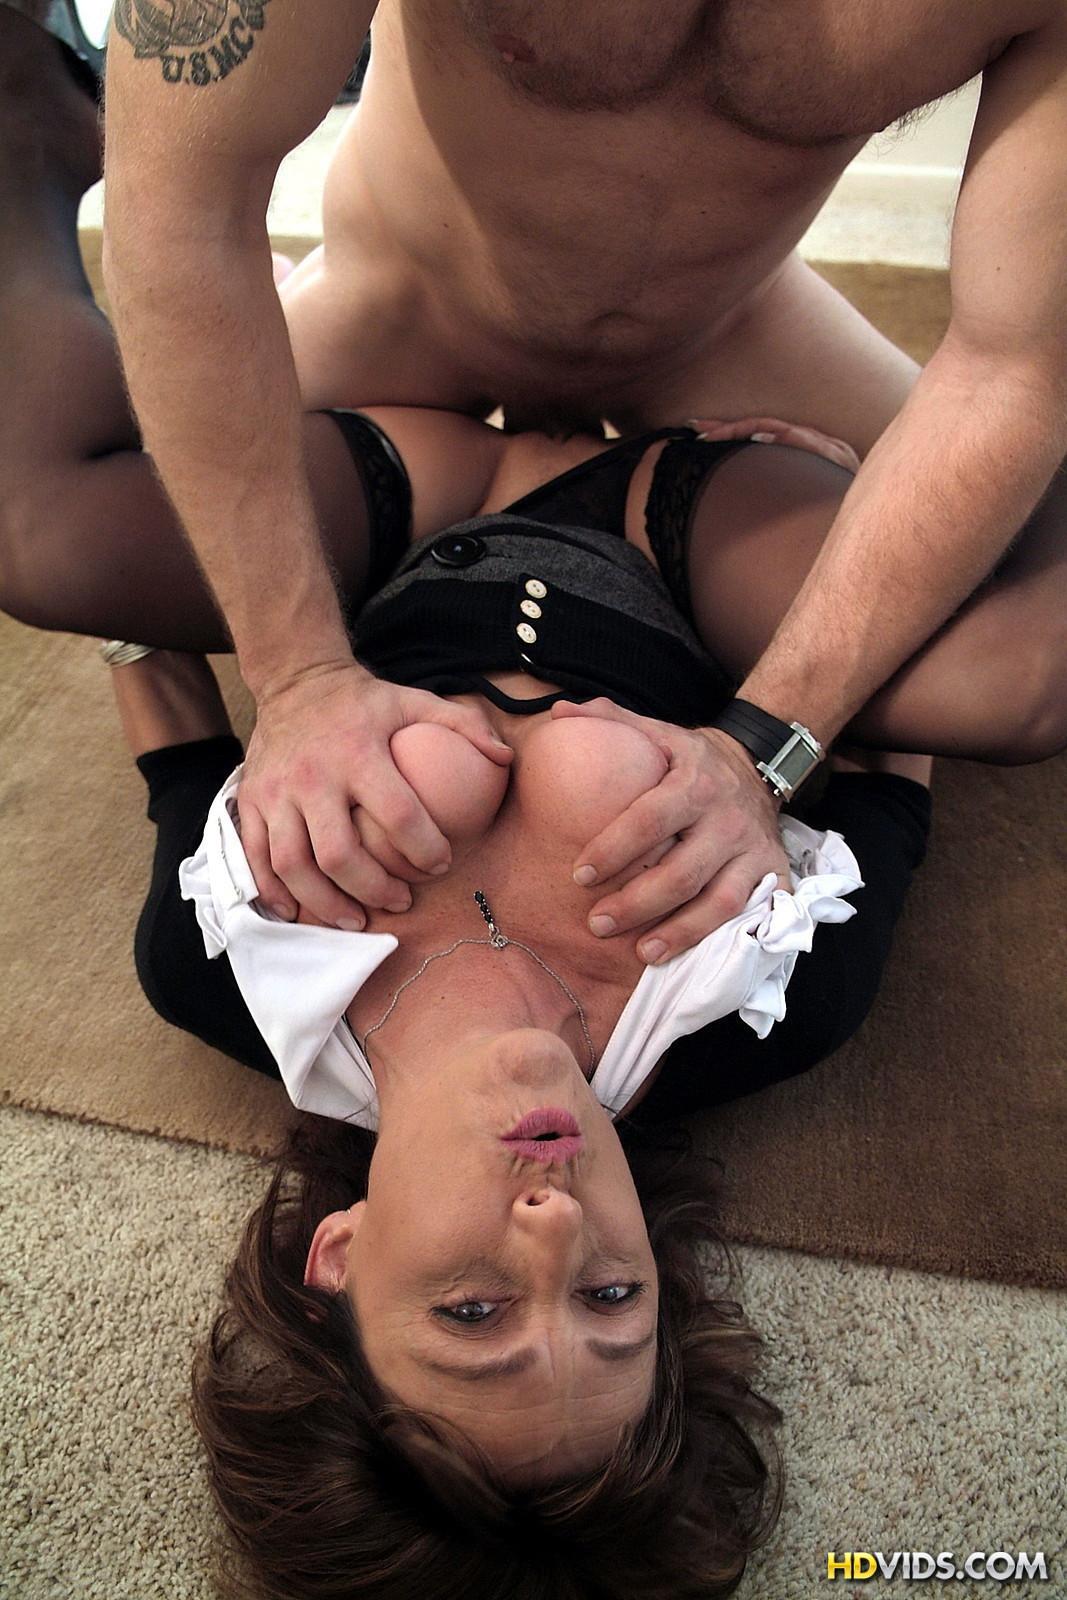 Смотреть порно босс трахнул полненькую сотрудницу 1 фотография